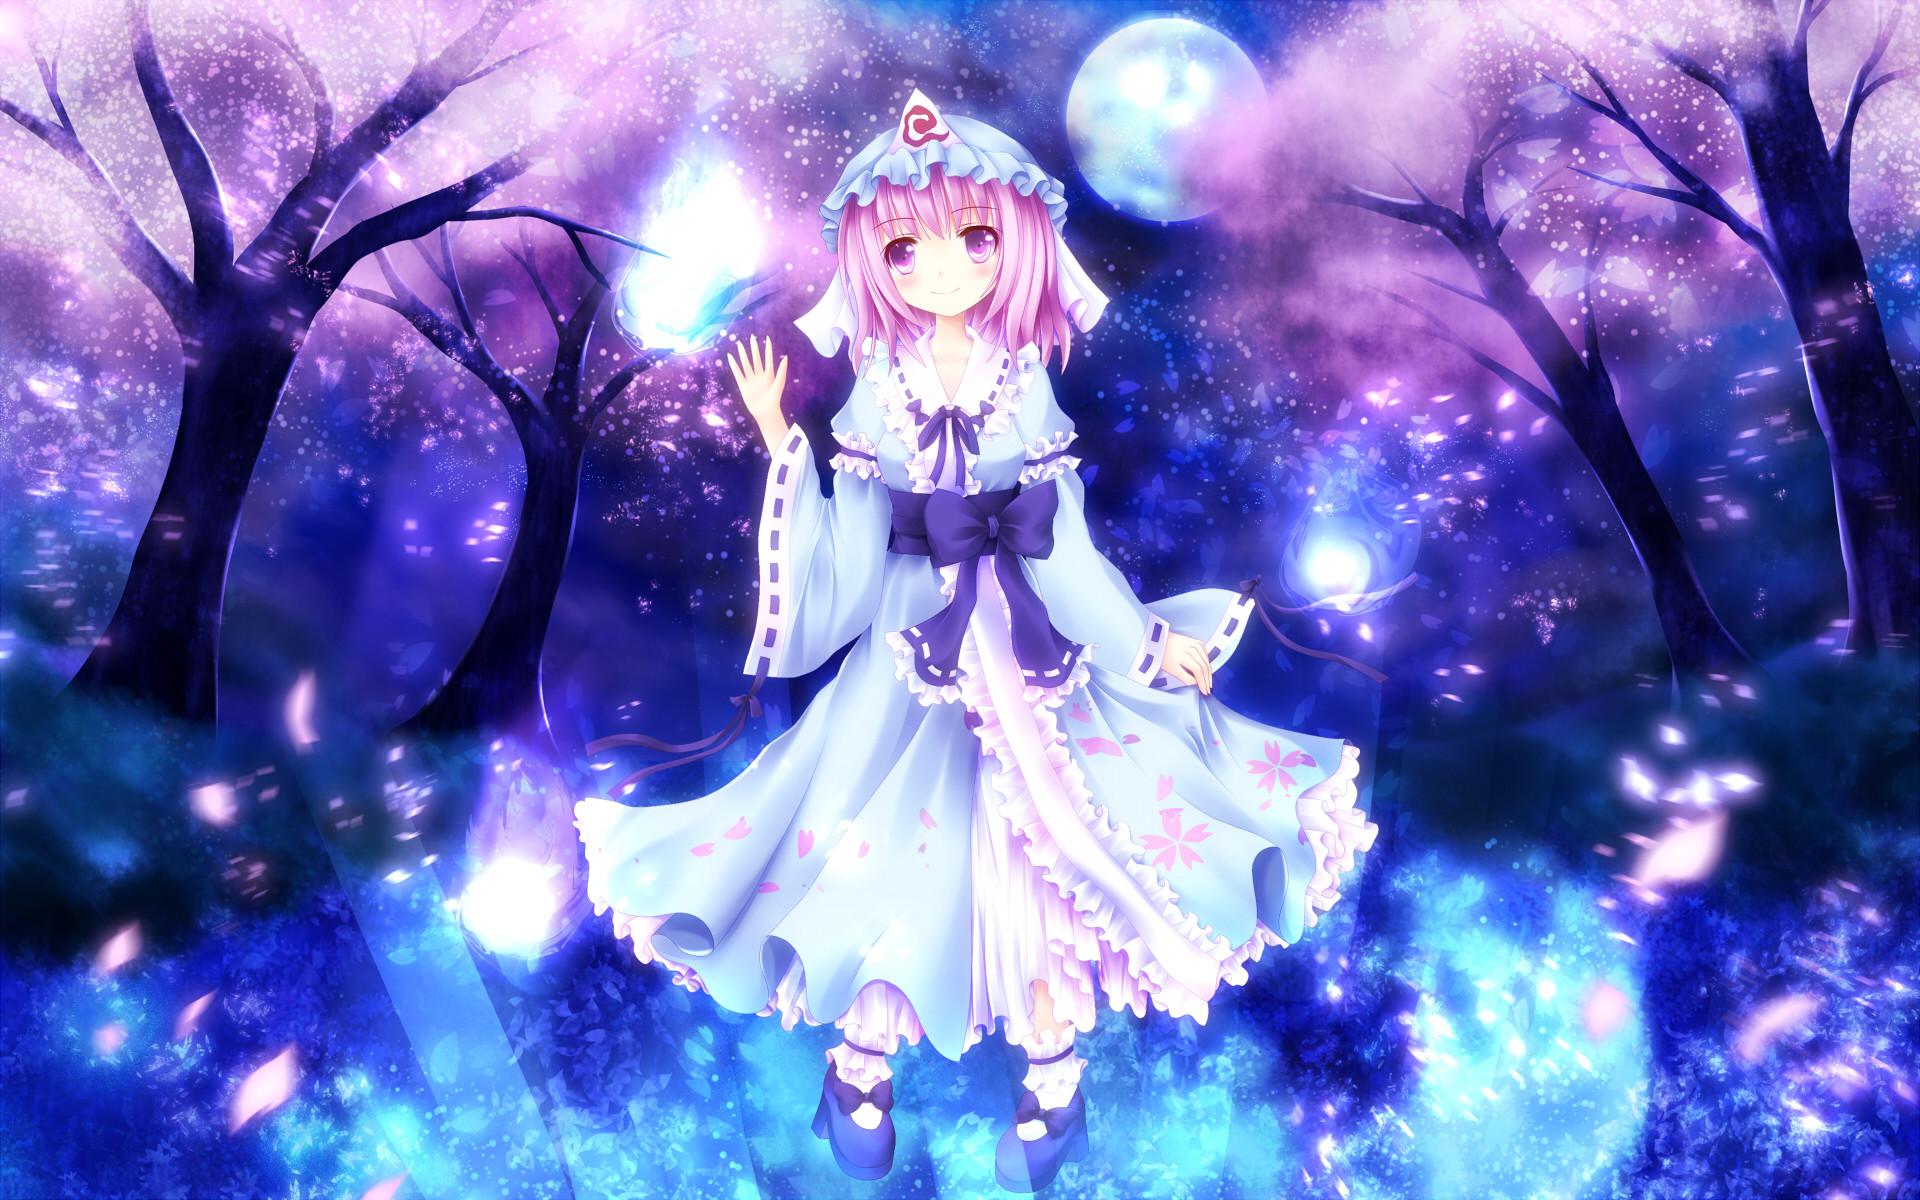 Anime – Touhou Yuyuko Saigyouji Pink Hair Purple Eyes Dress Moon Japanese  Clothes Wallpaper